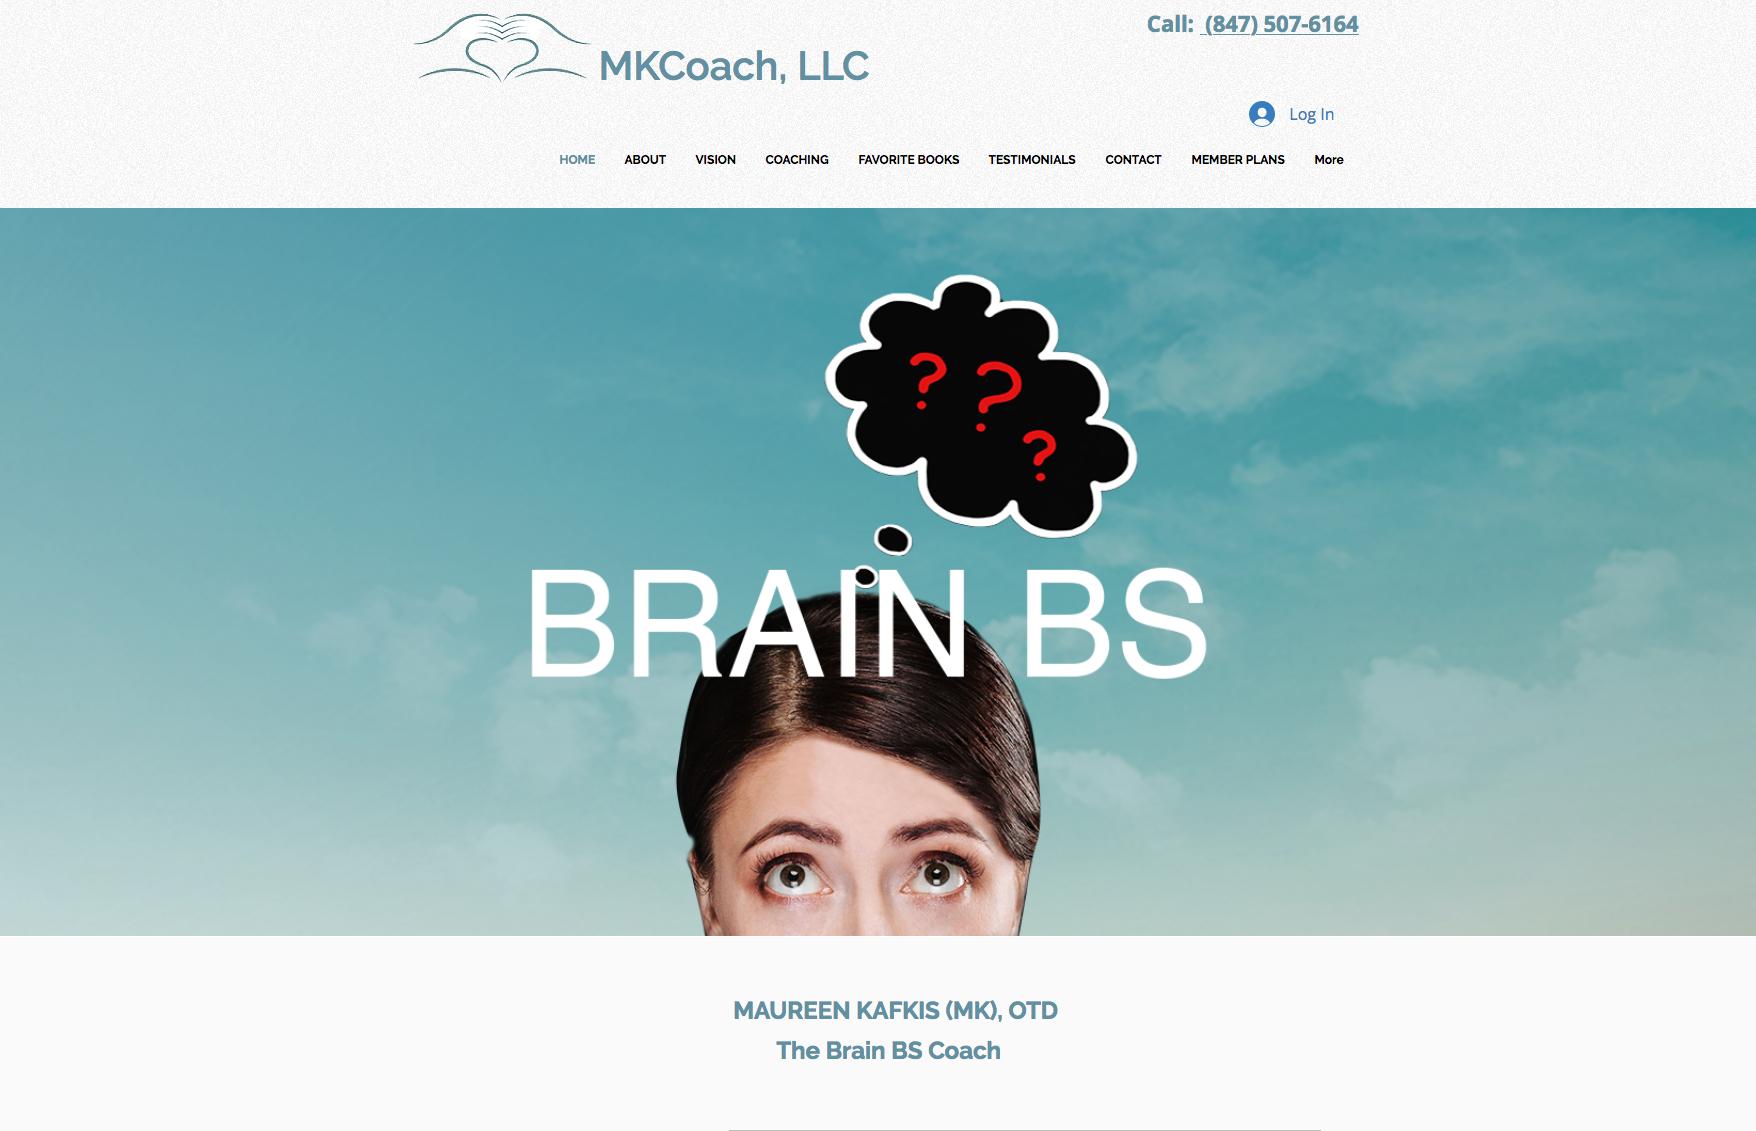 Website design - Forum site